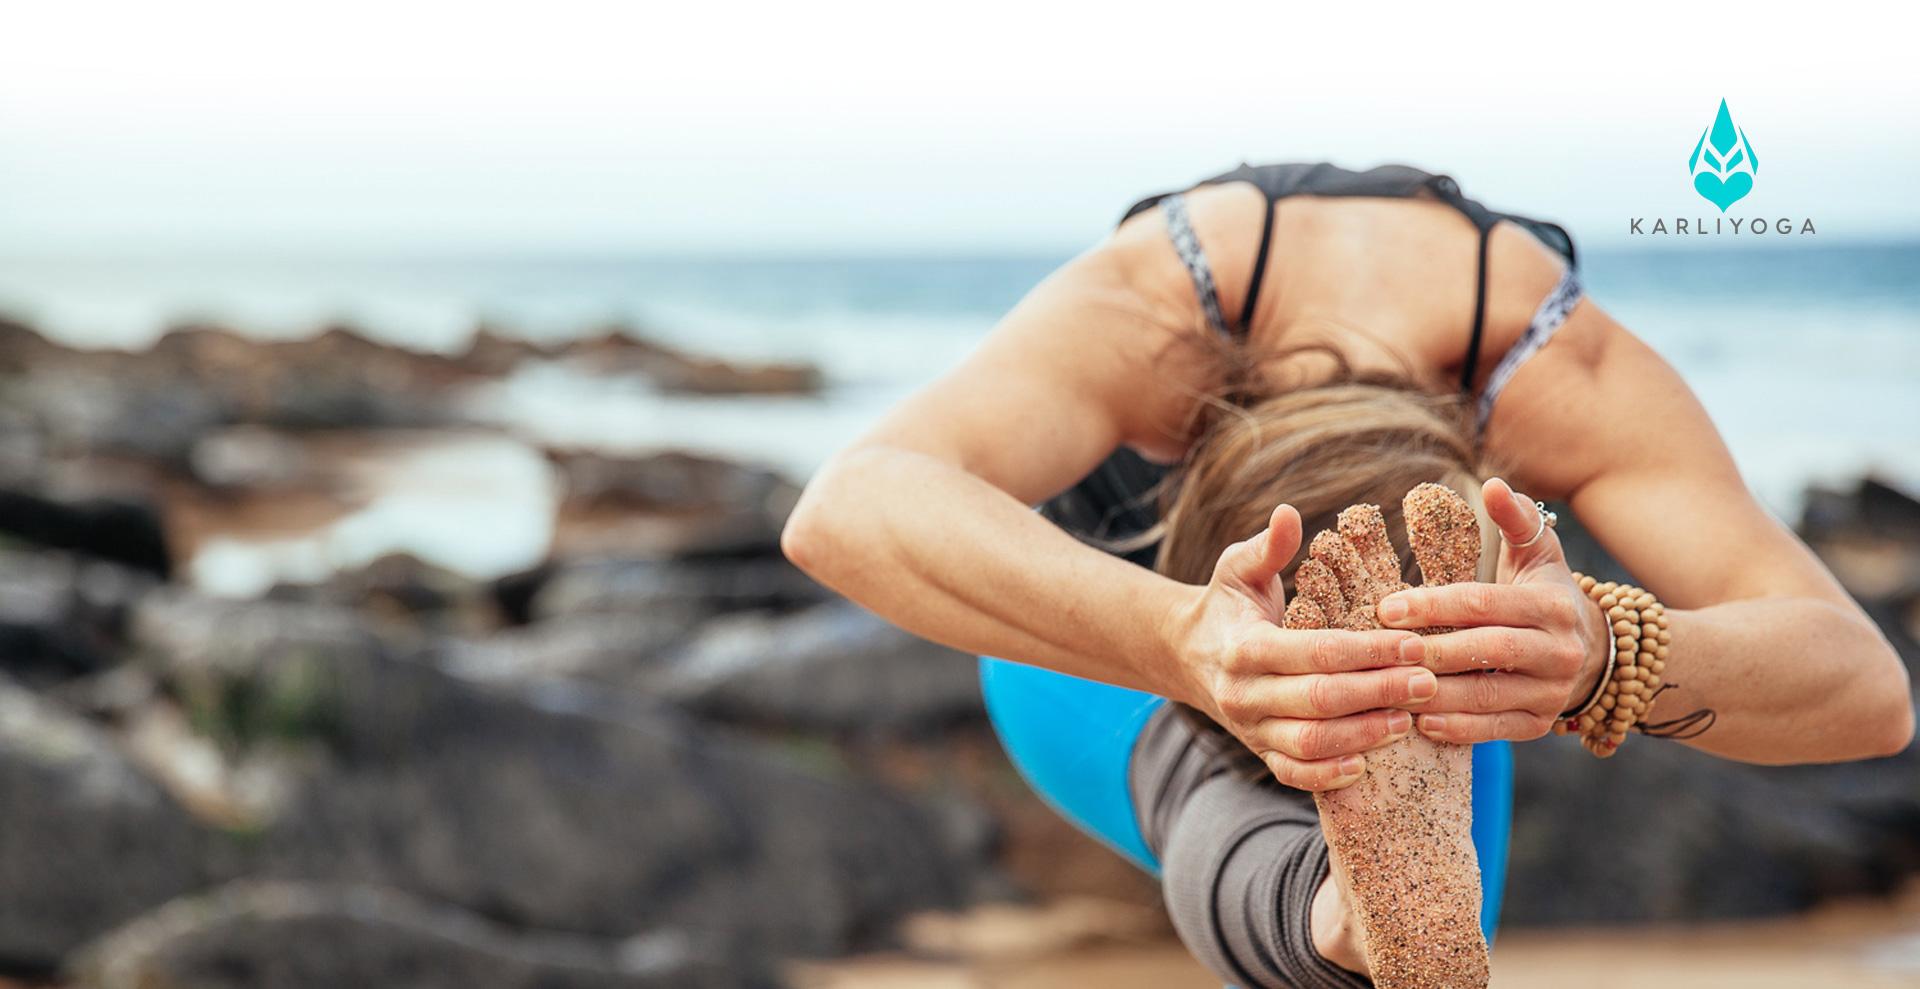 penzance-yoga